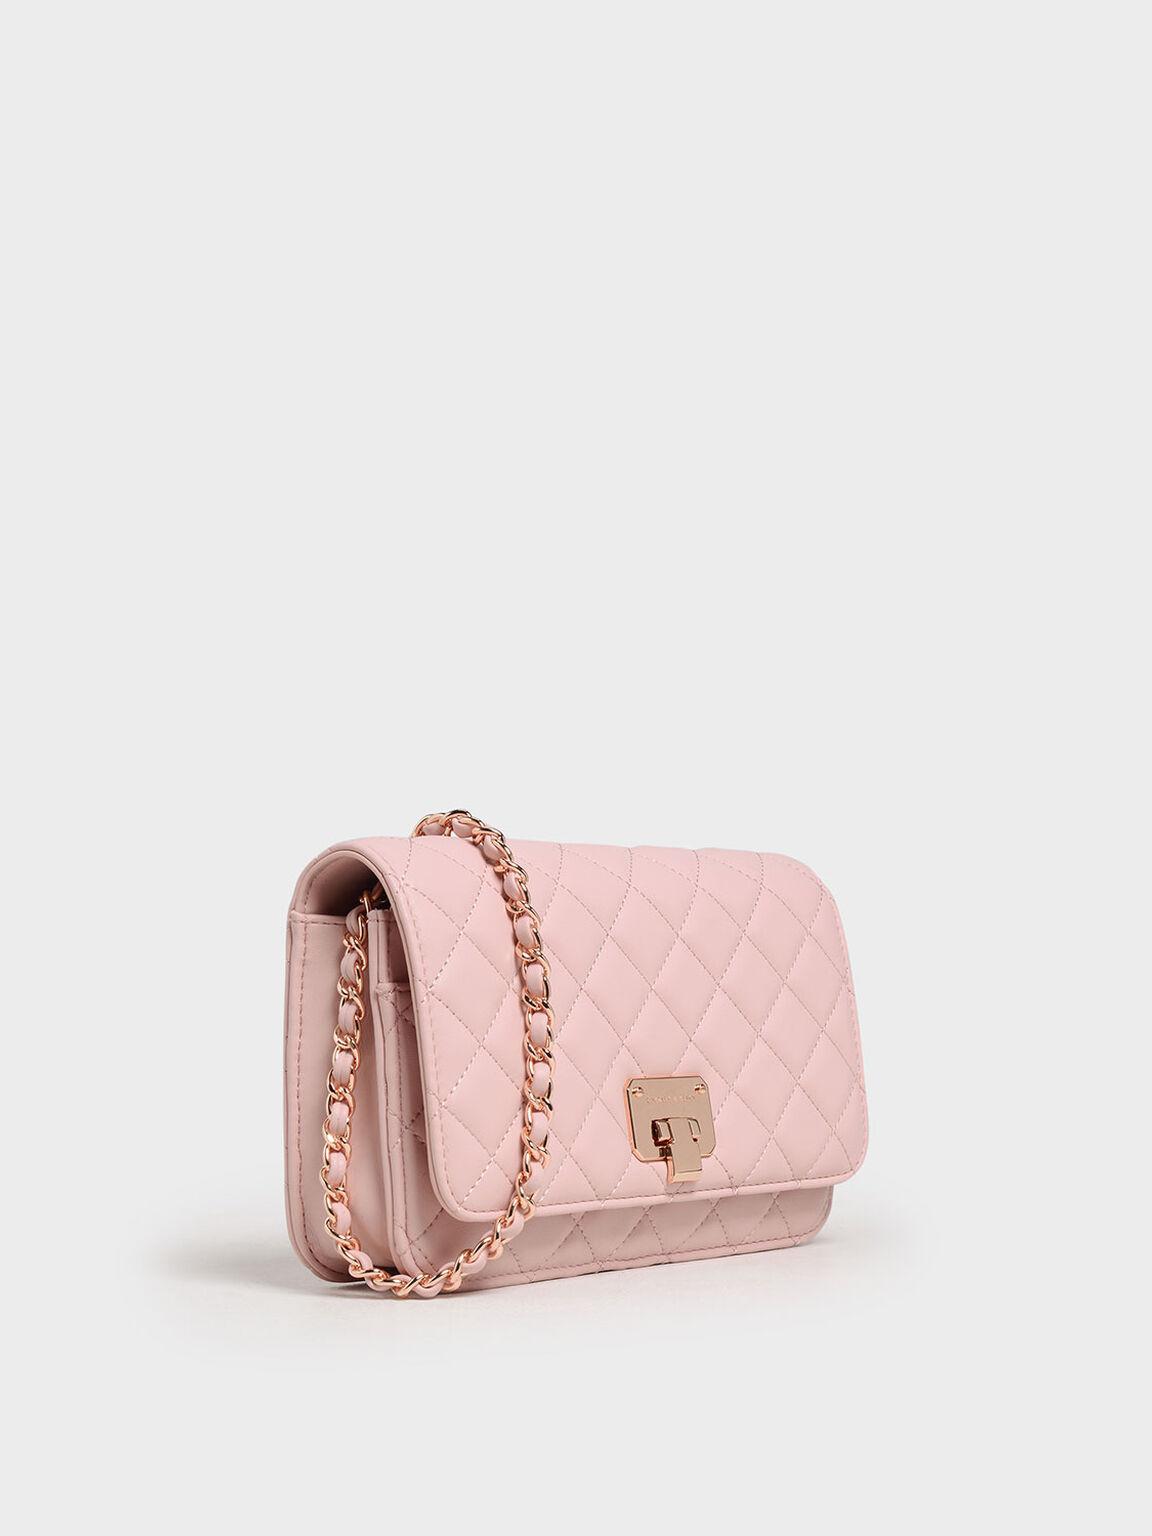 菱格紋手拿包, 粉紅色, hi-res